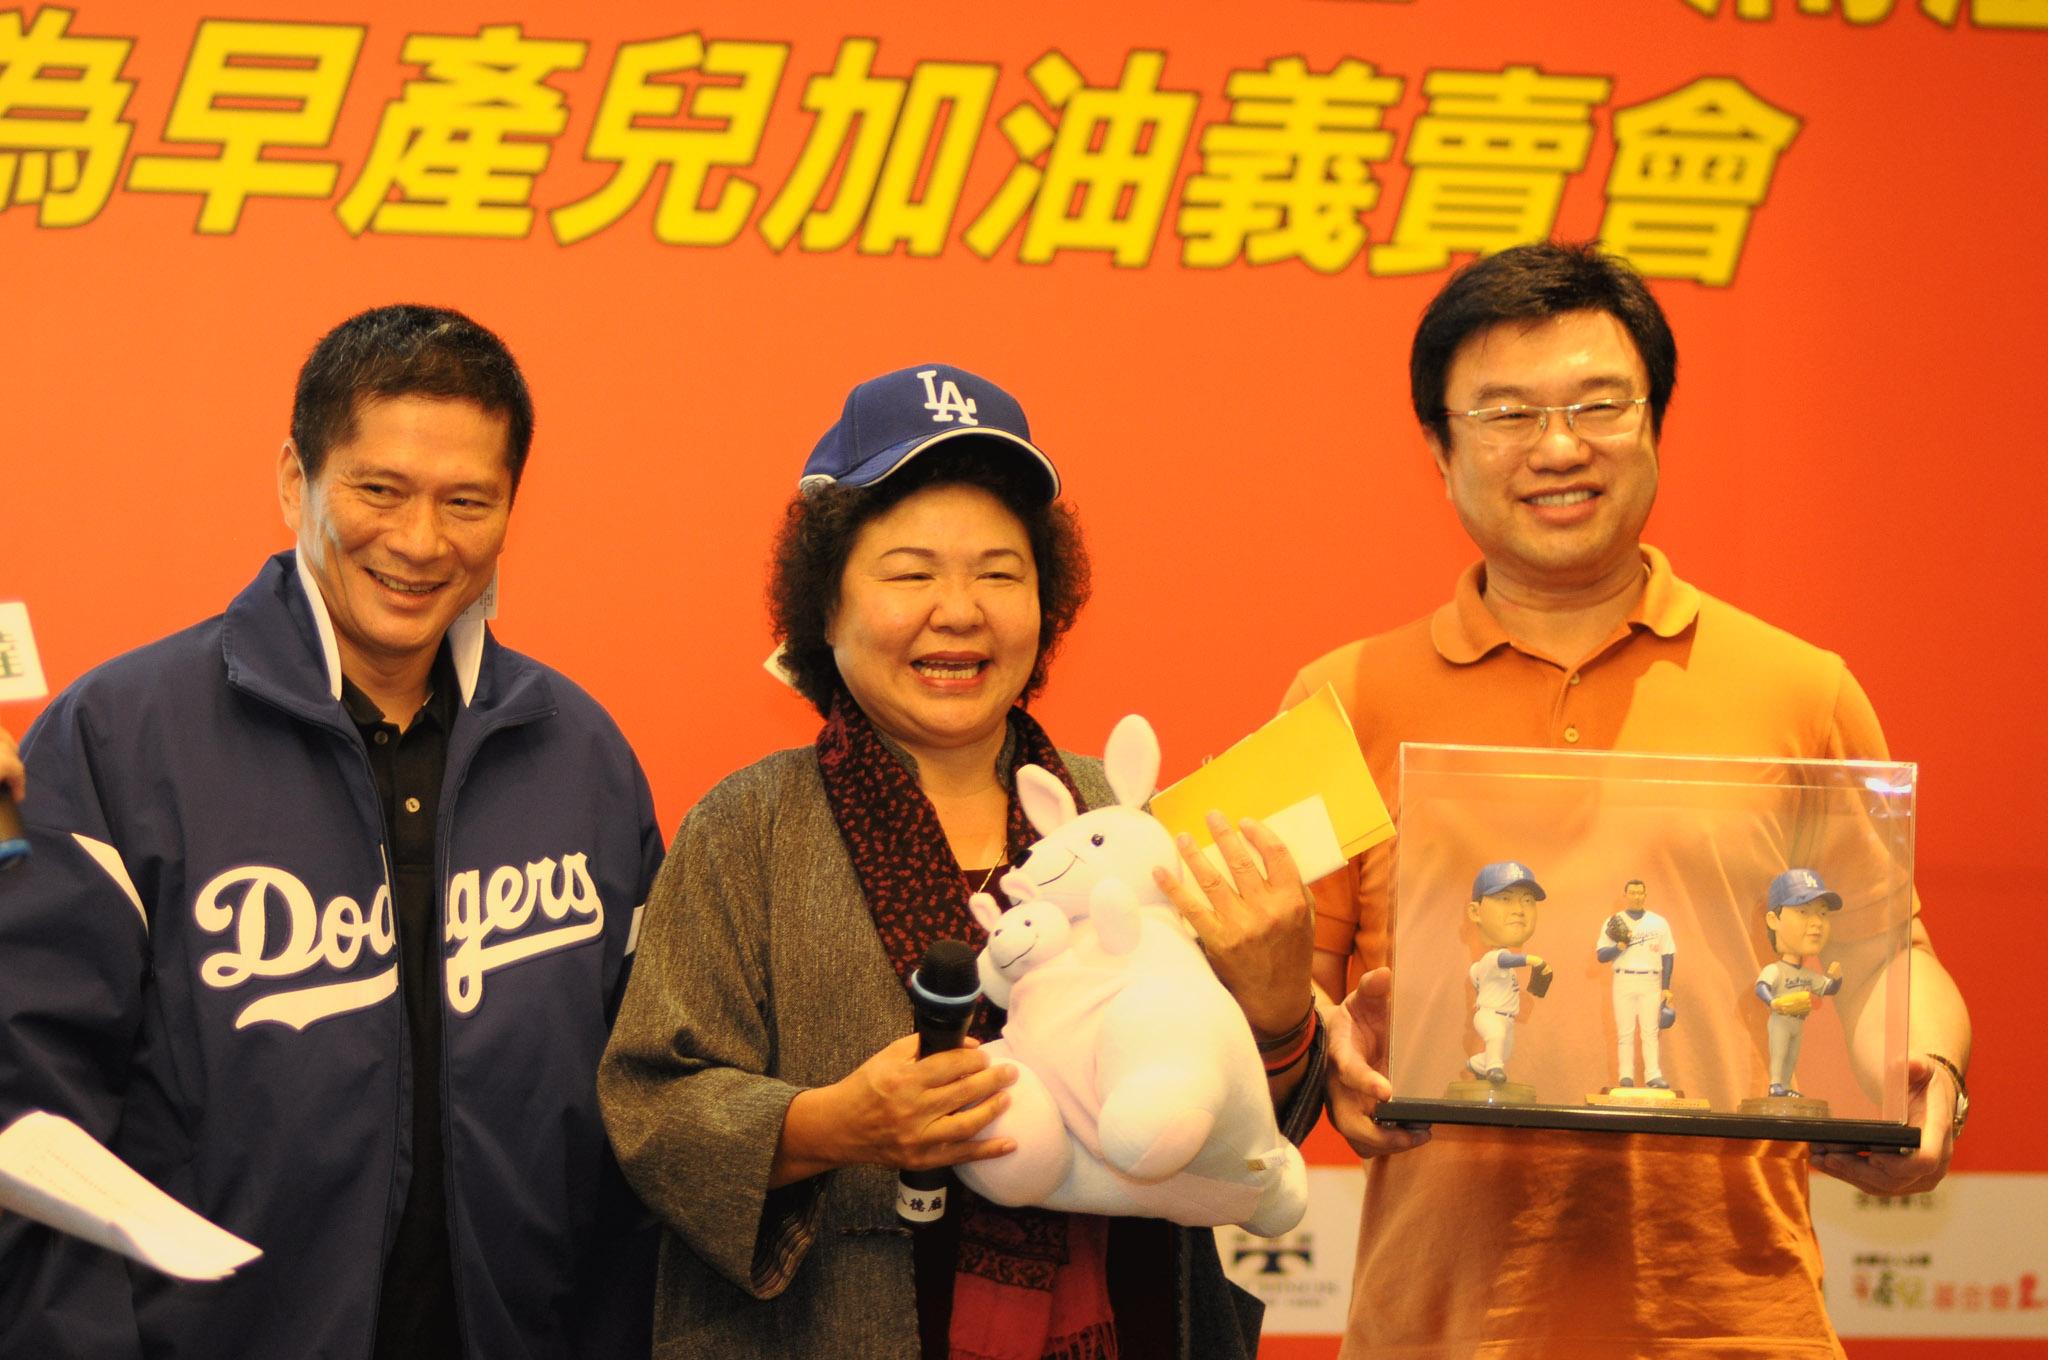 高雄市市長陳菊(中),副市長李永得(左)主拍郭泓志公仔及道奇隊夾克及帽子由永達吳文永董事長(右)以30萬元標得。